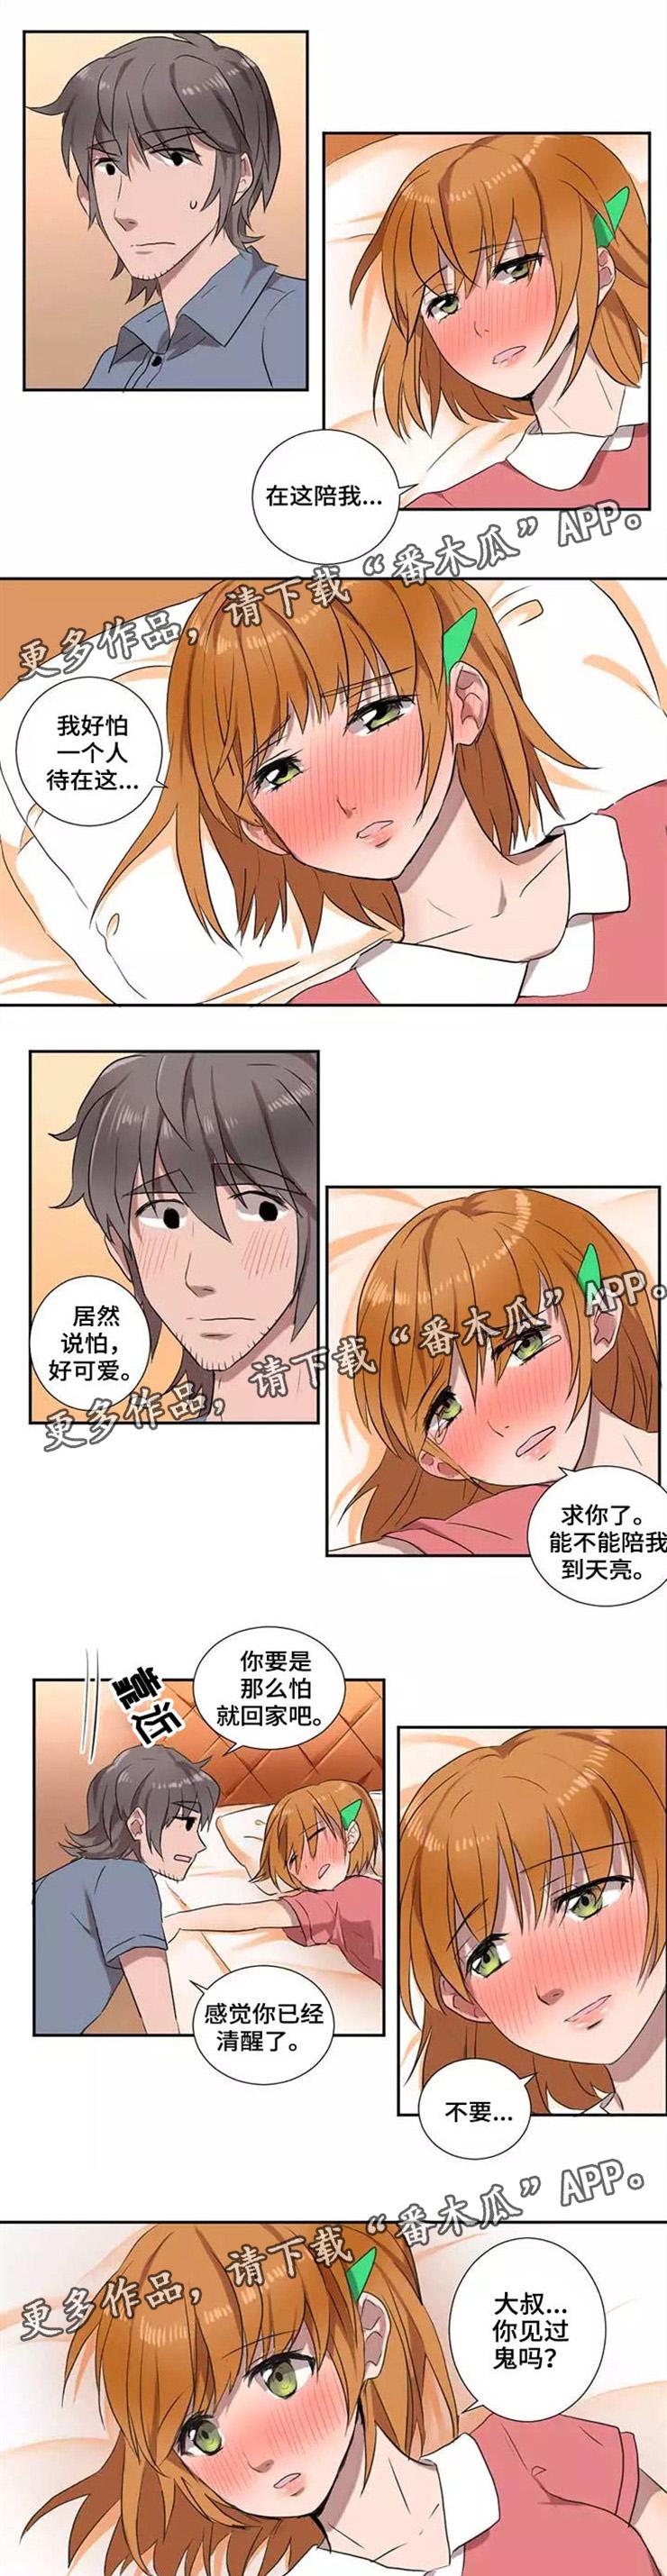 恋爱韩漫: 《隐形人性》 第13-15话-天狐阅读